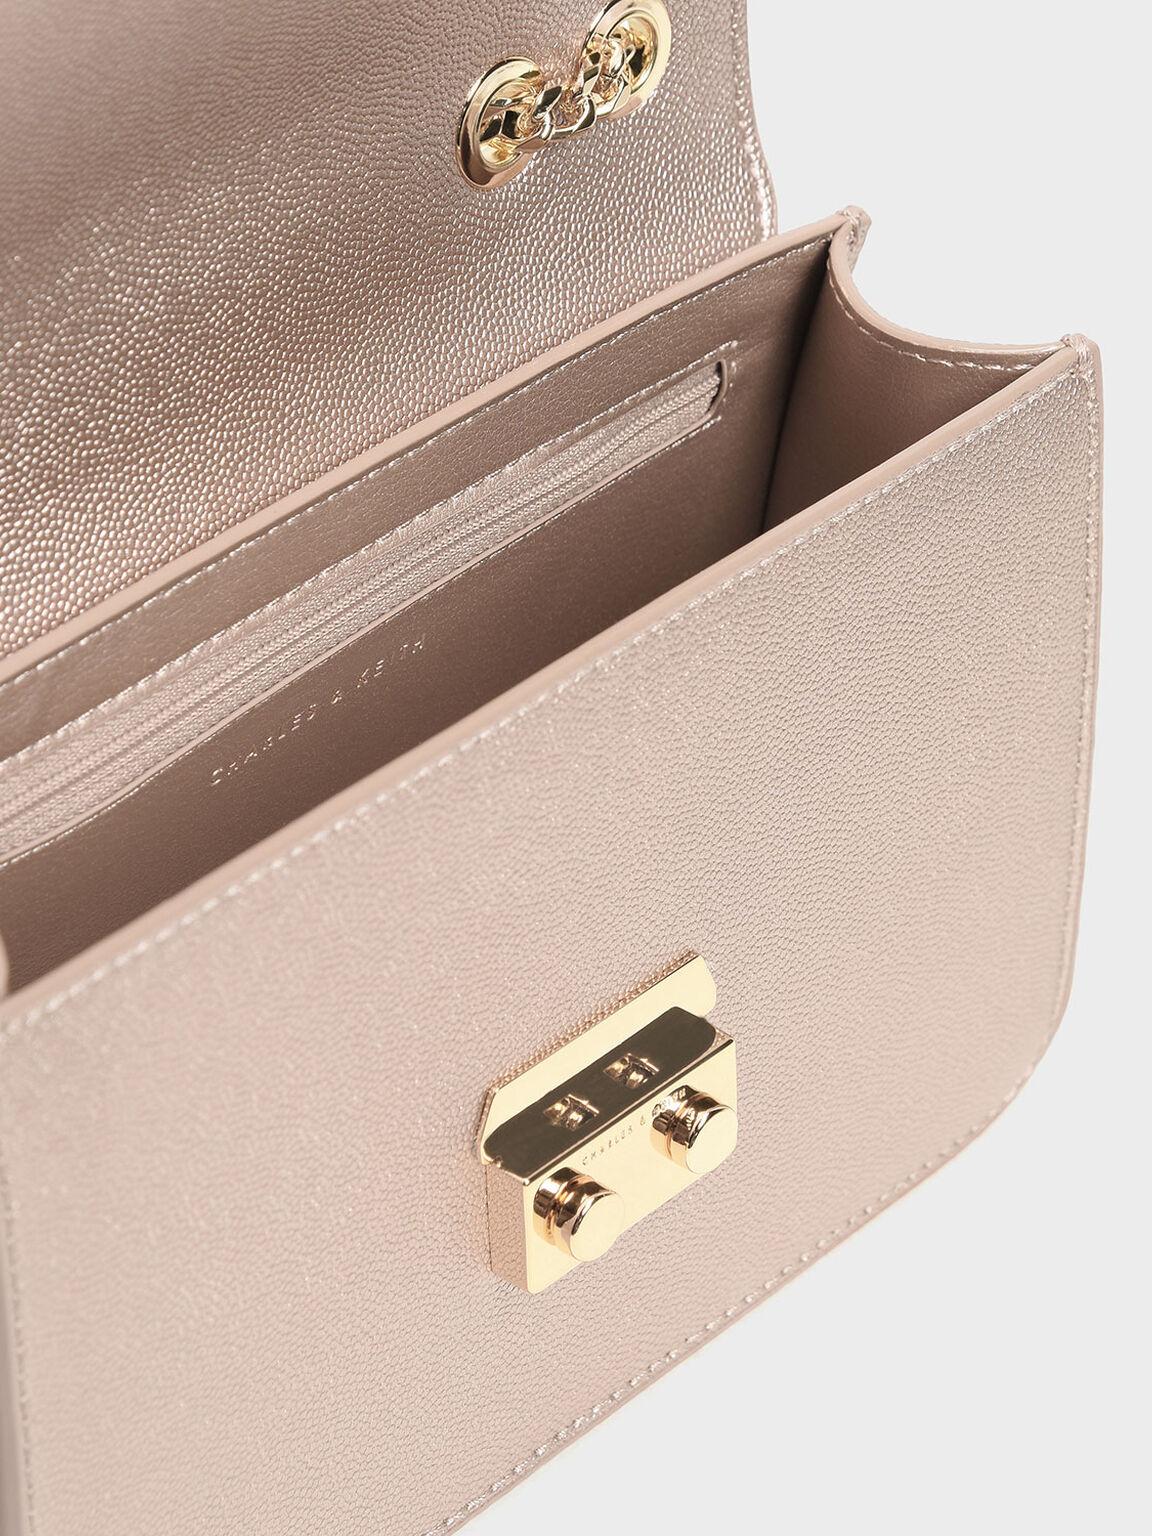 Embellished Push Lock Clutch, Rose Gold, hi-res